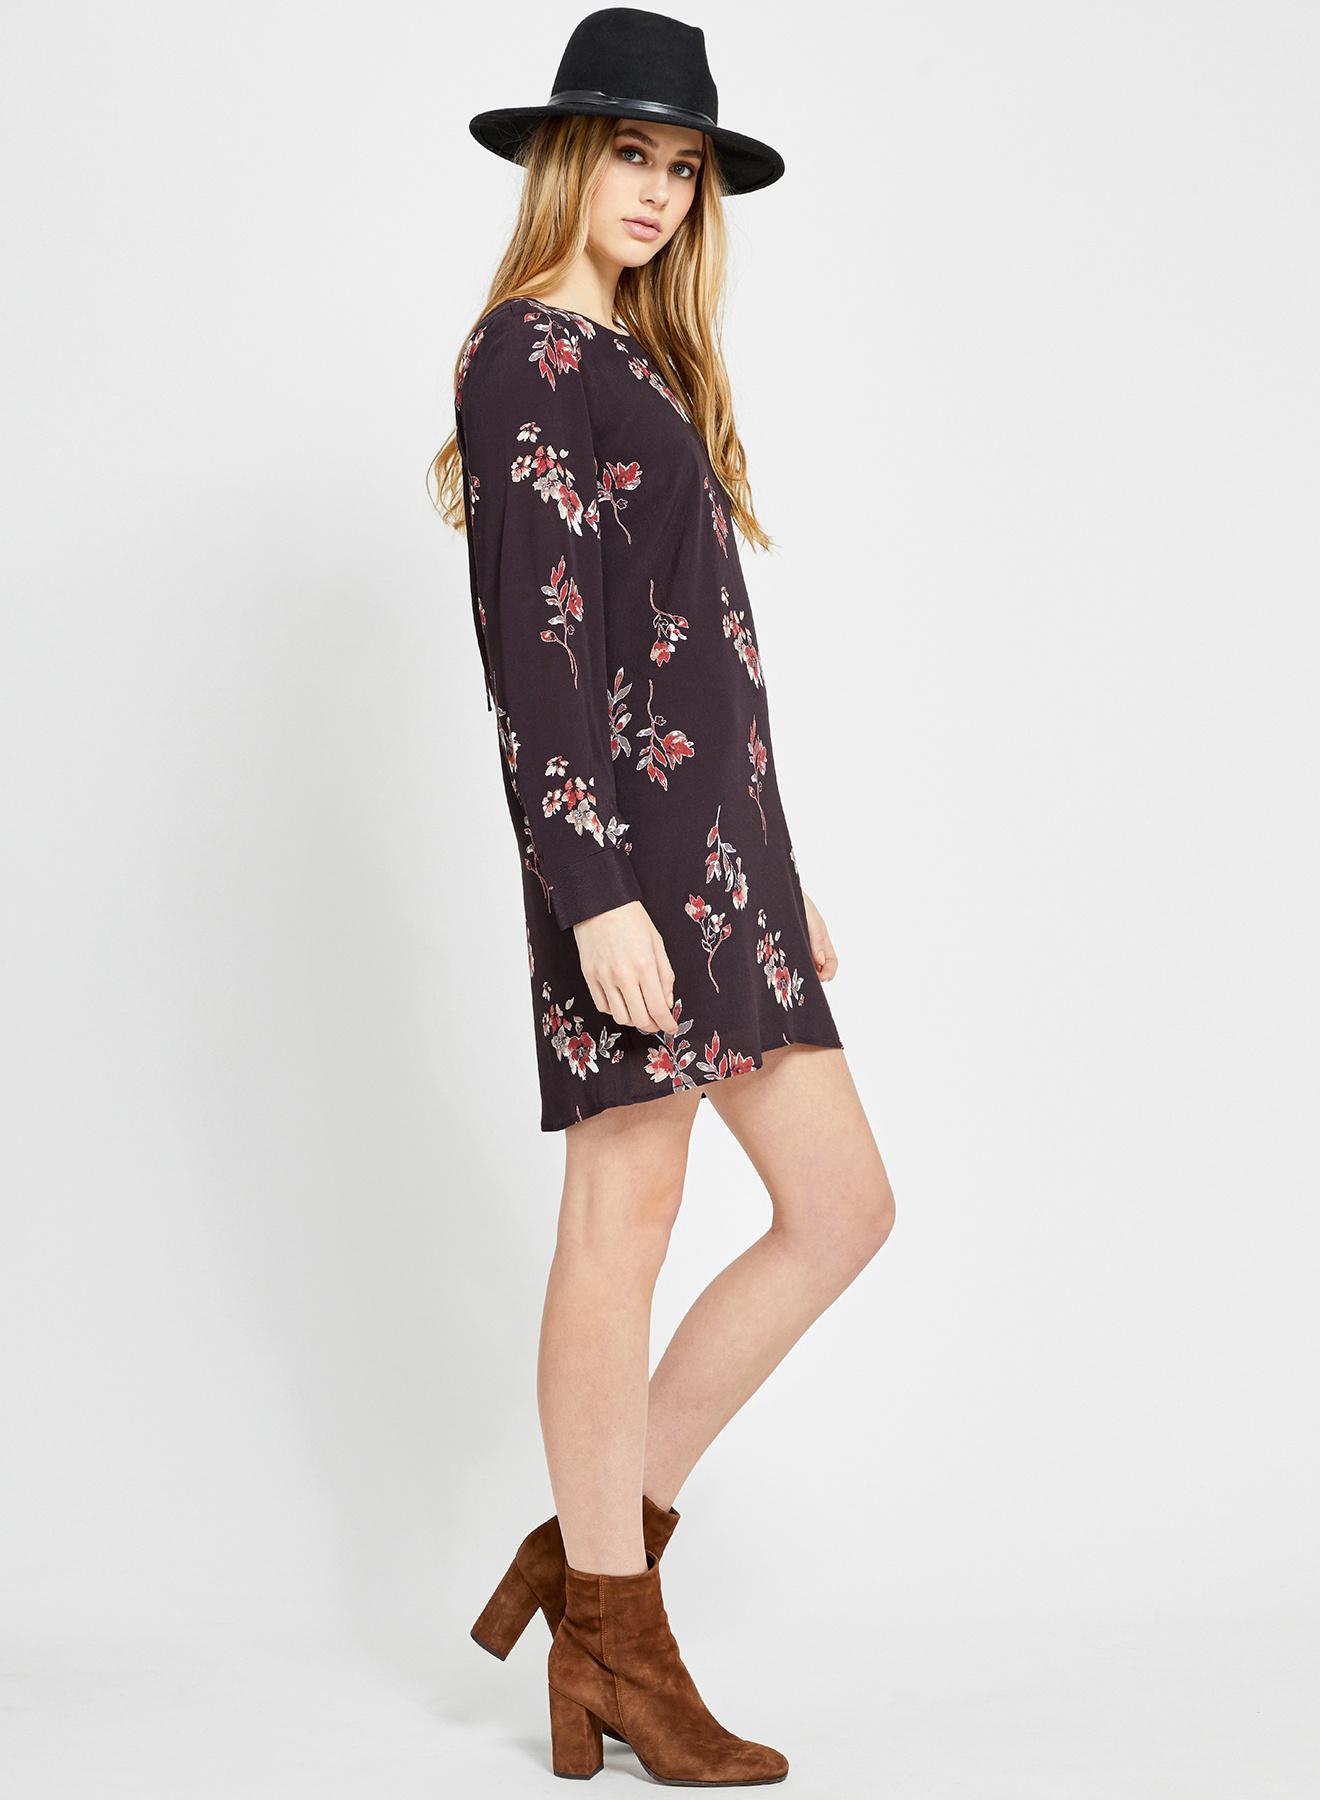 Gentlefawn Inka Dress